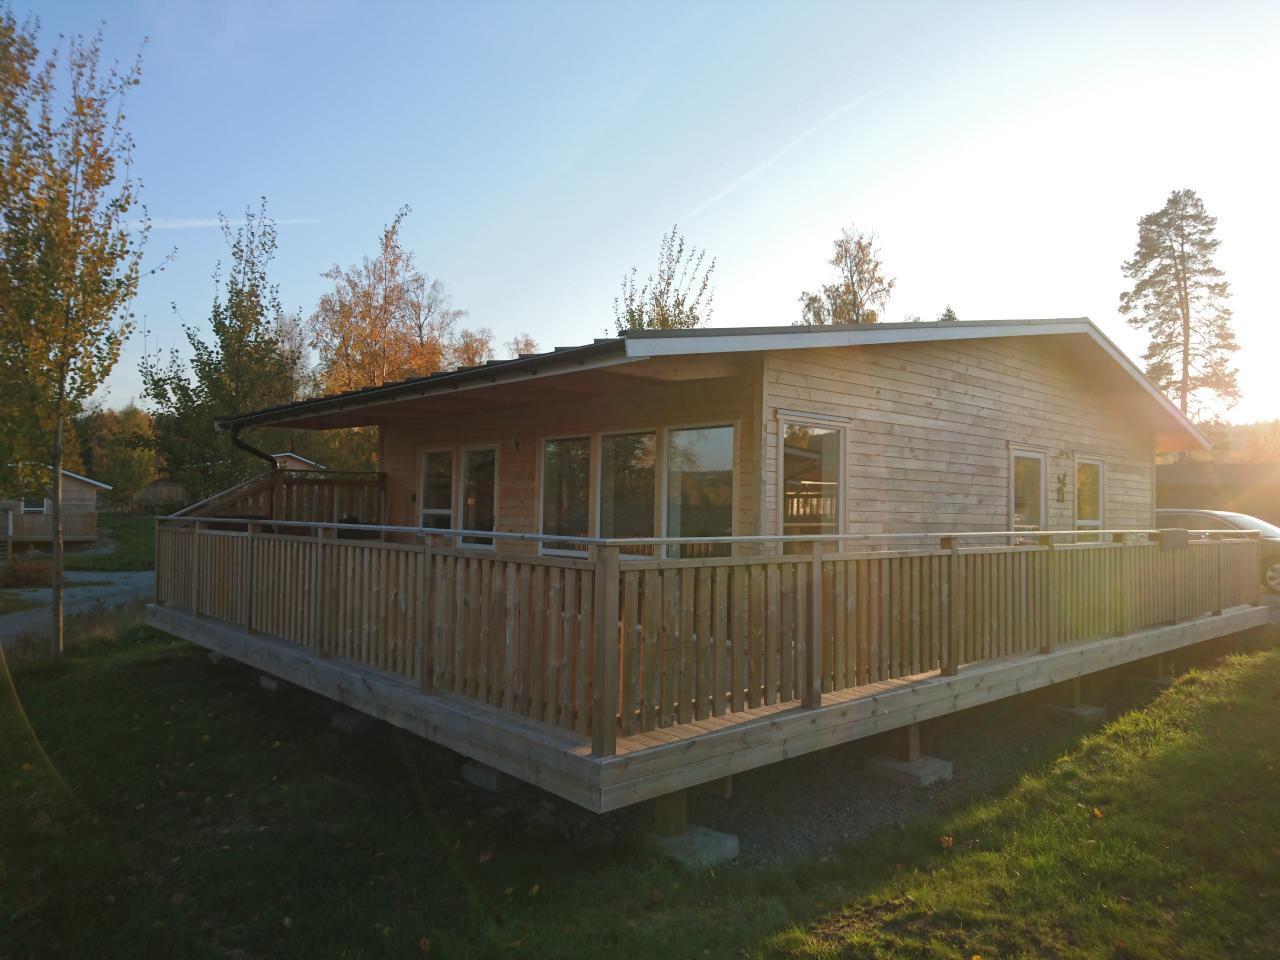 Ferienhaus Haus am Dalslandkanal/ See Laxsjön (2549266), Dals Långed, Västra Götaland län, Westschweden, Schweden, Bild 1